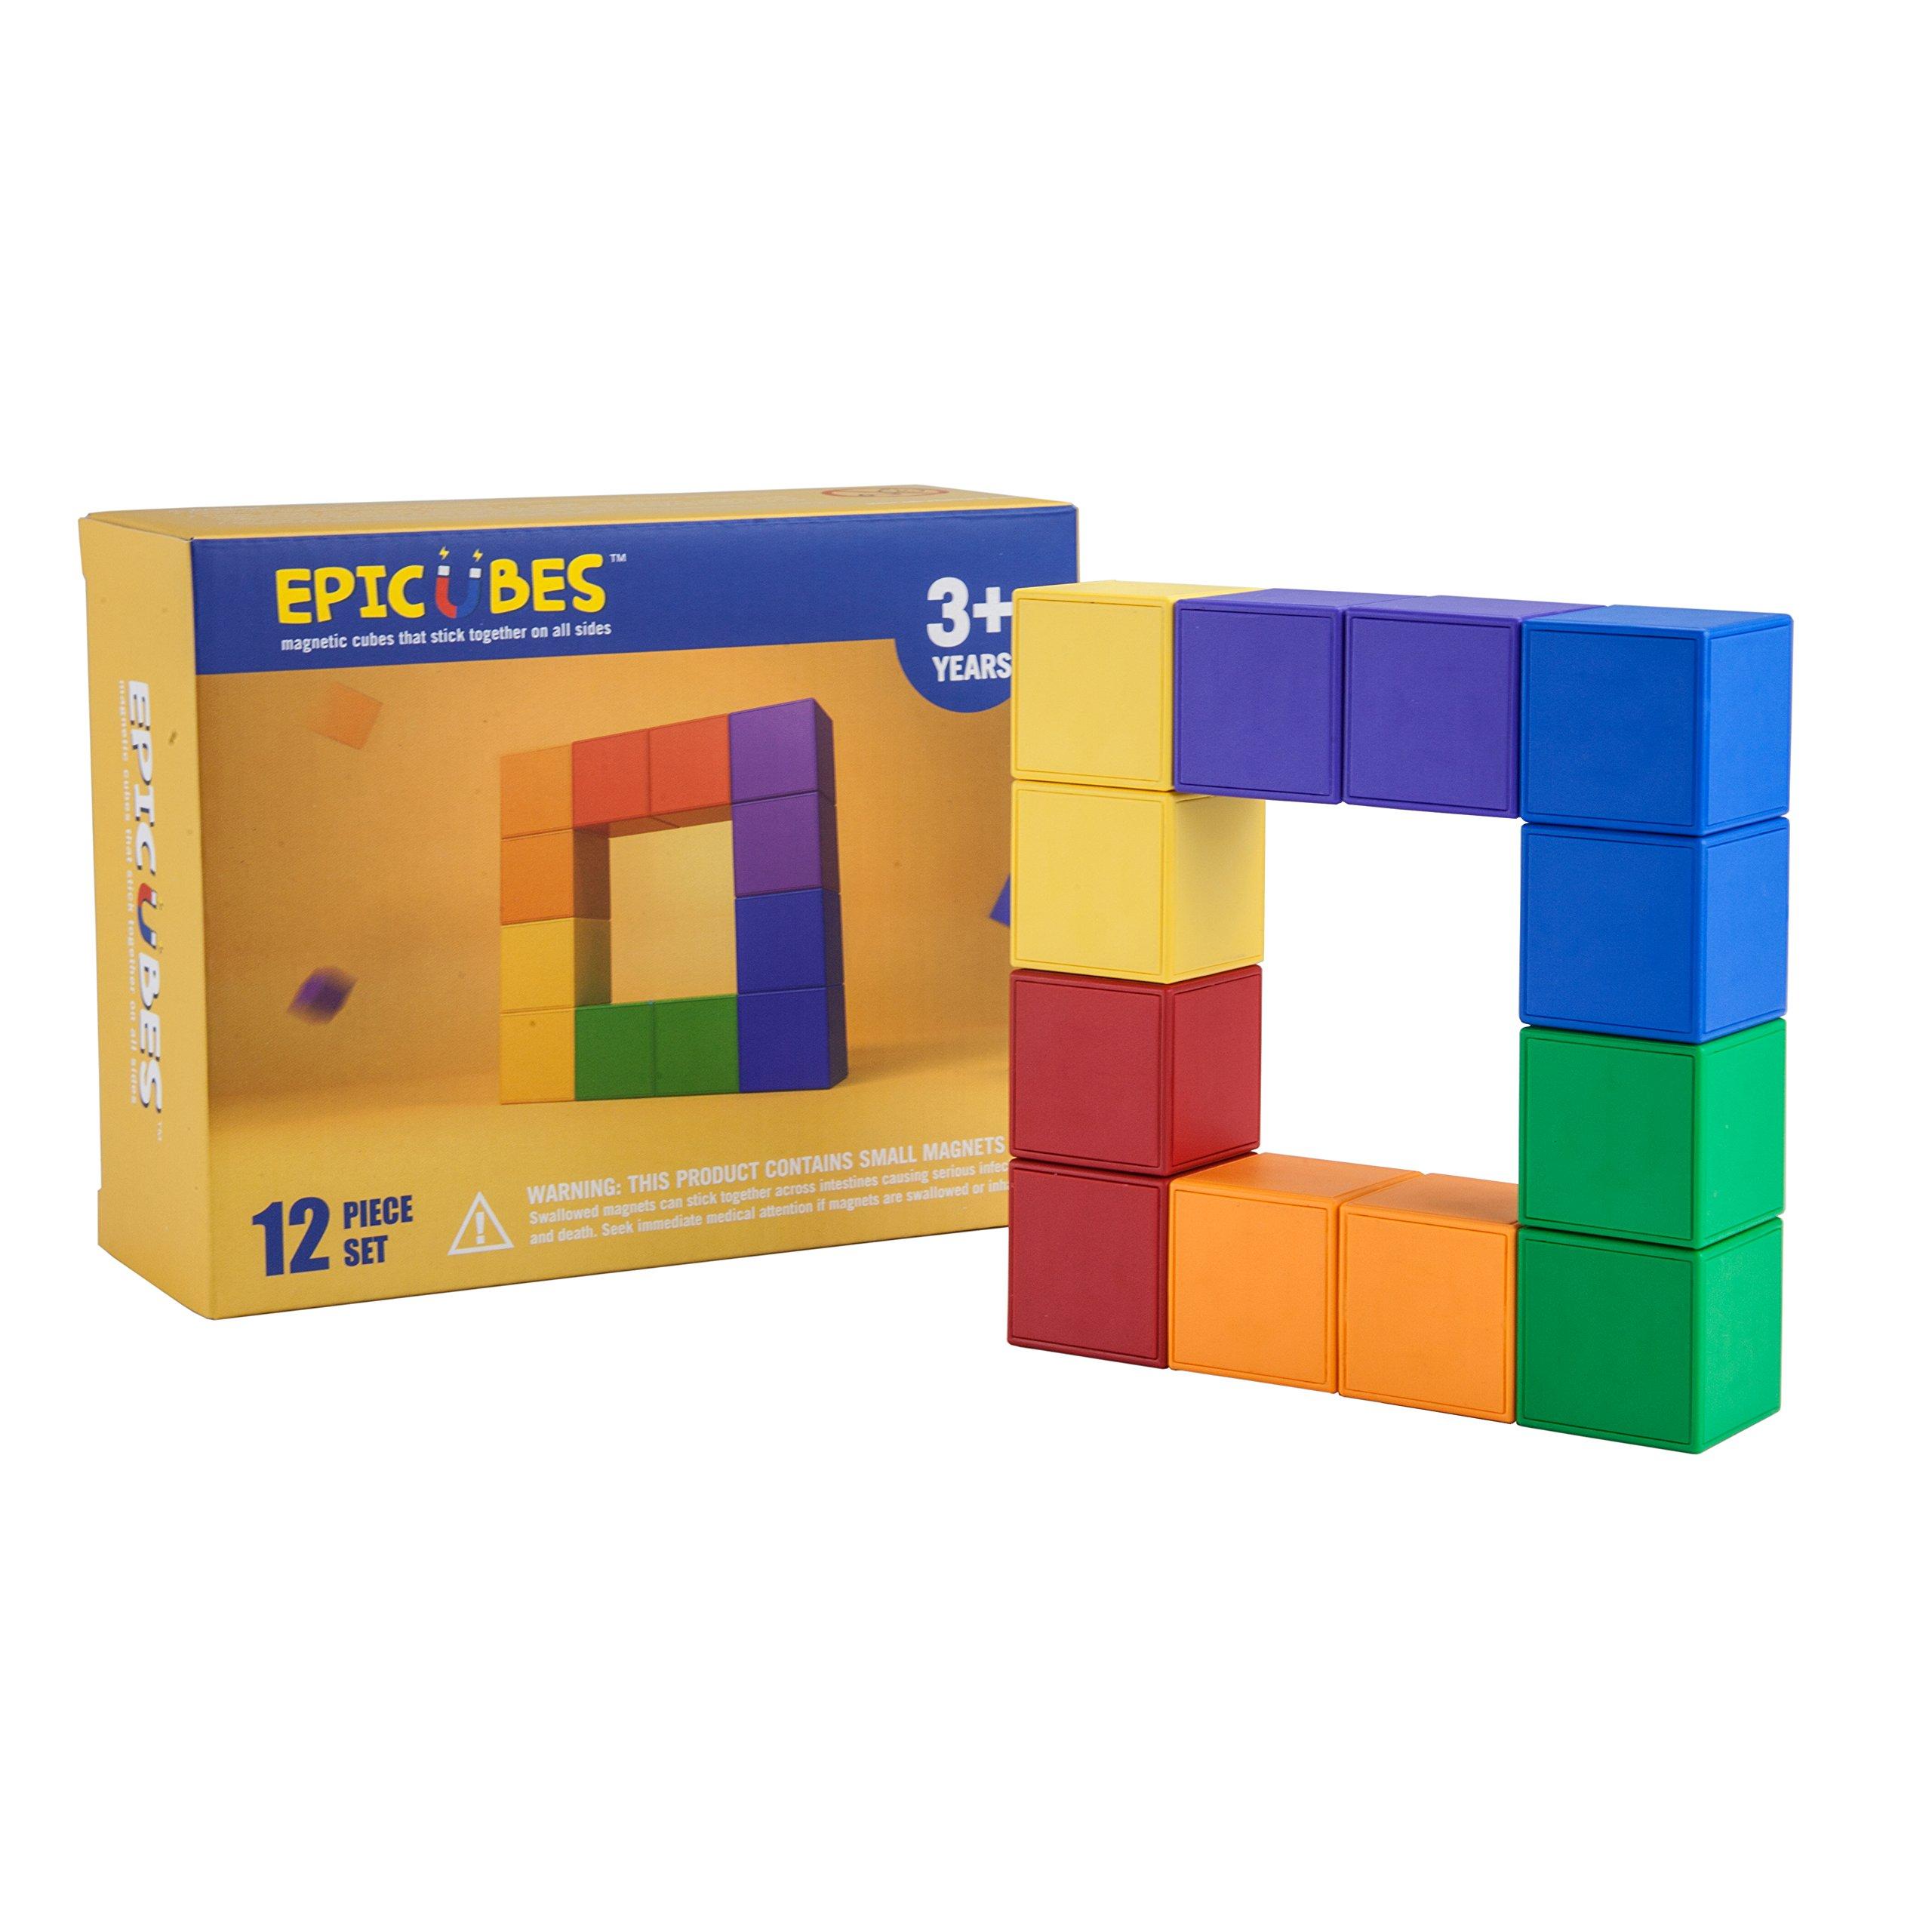 Epicubes Magnetic Building Blocks 12 Piece Set - 3D Construction Kit, Magnetic Cubes That Stick On All Sides, 6 Colors